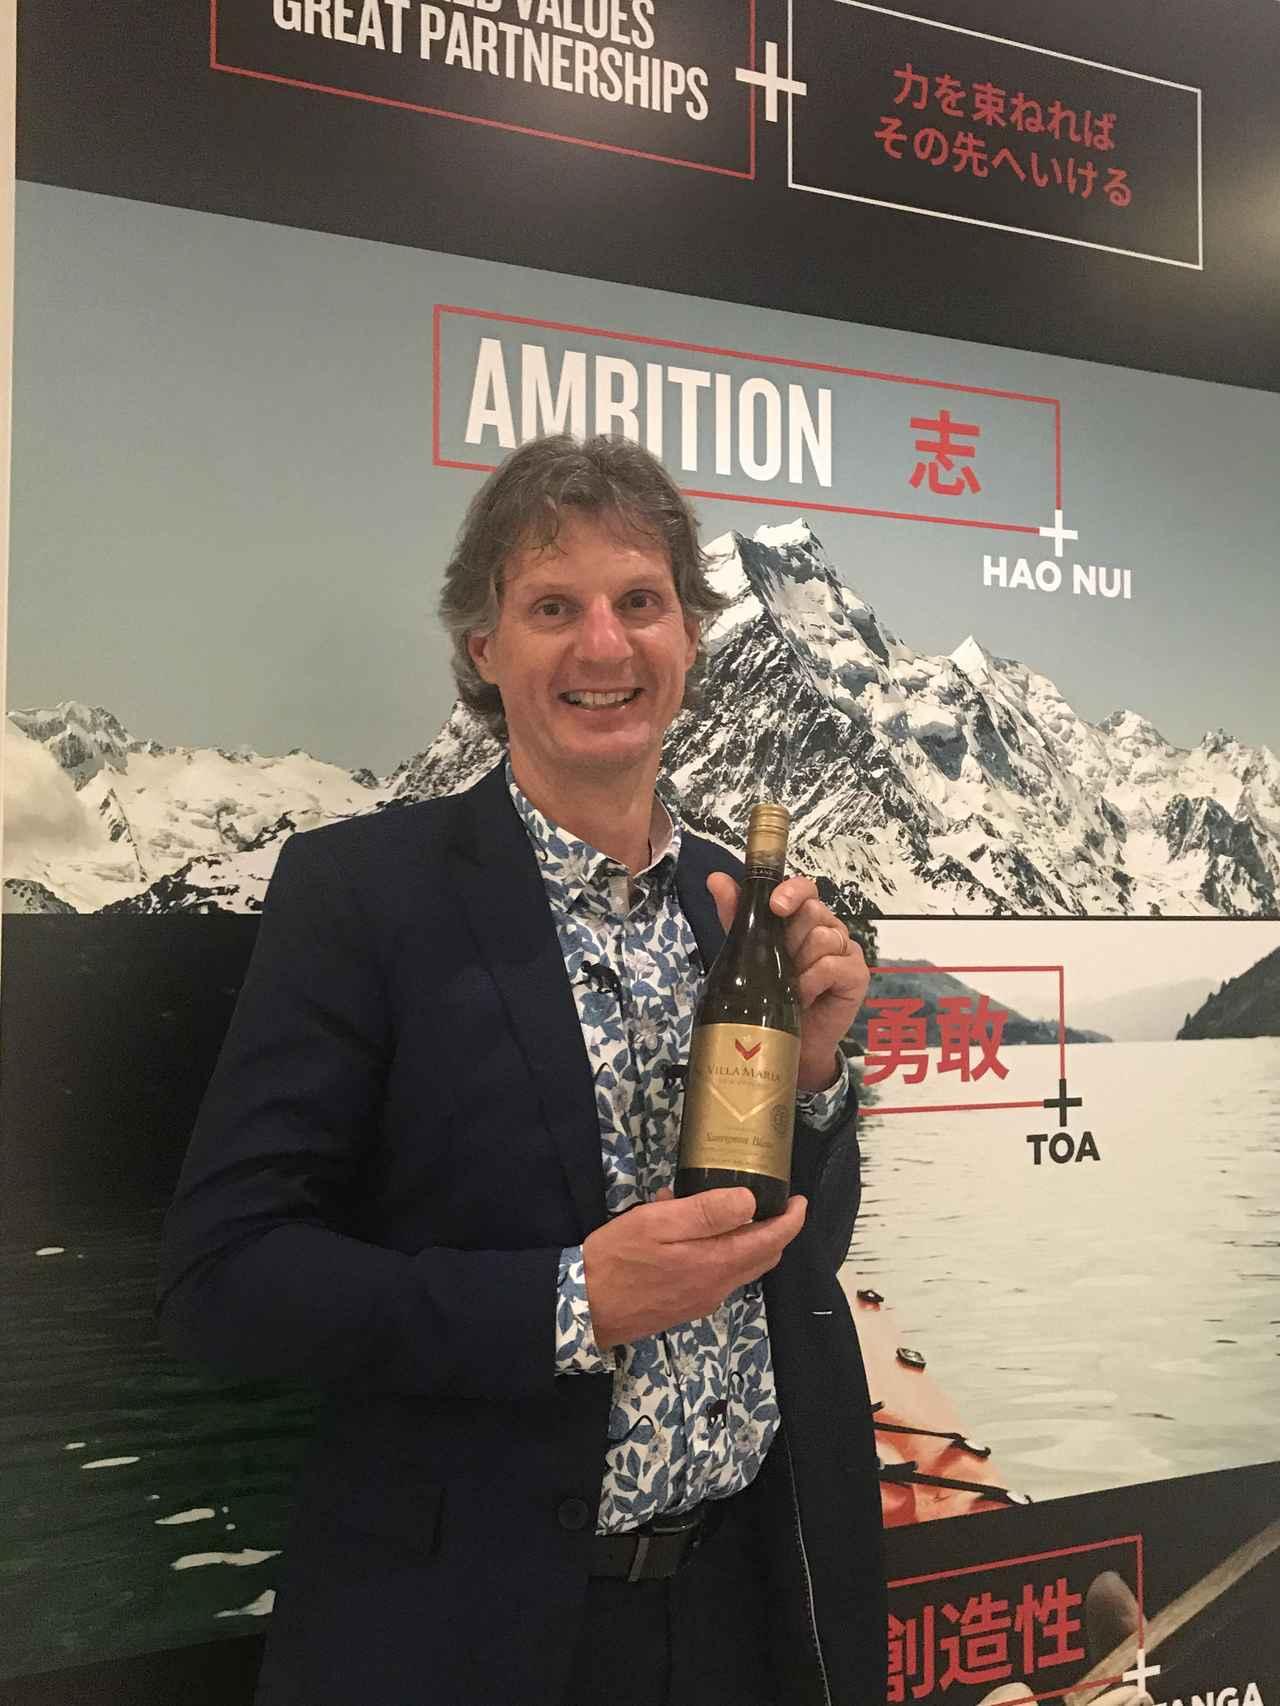 画像: ワインメーカー サイモン・フェル氏 「ニュージーランドは島国で、海の影響を受ける産地です。ワインを造る三つの要素は、テロワール、気候、人間。人が考える栽培や醸造での工夫、イノベーションが良いワインを生むのです」